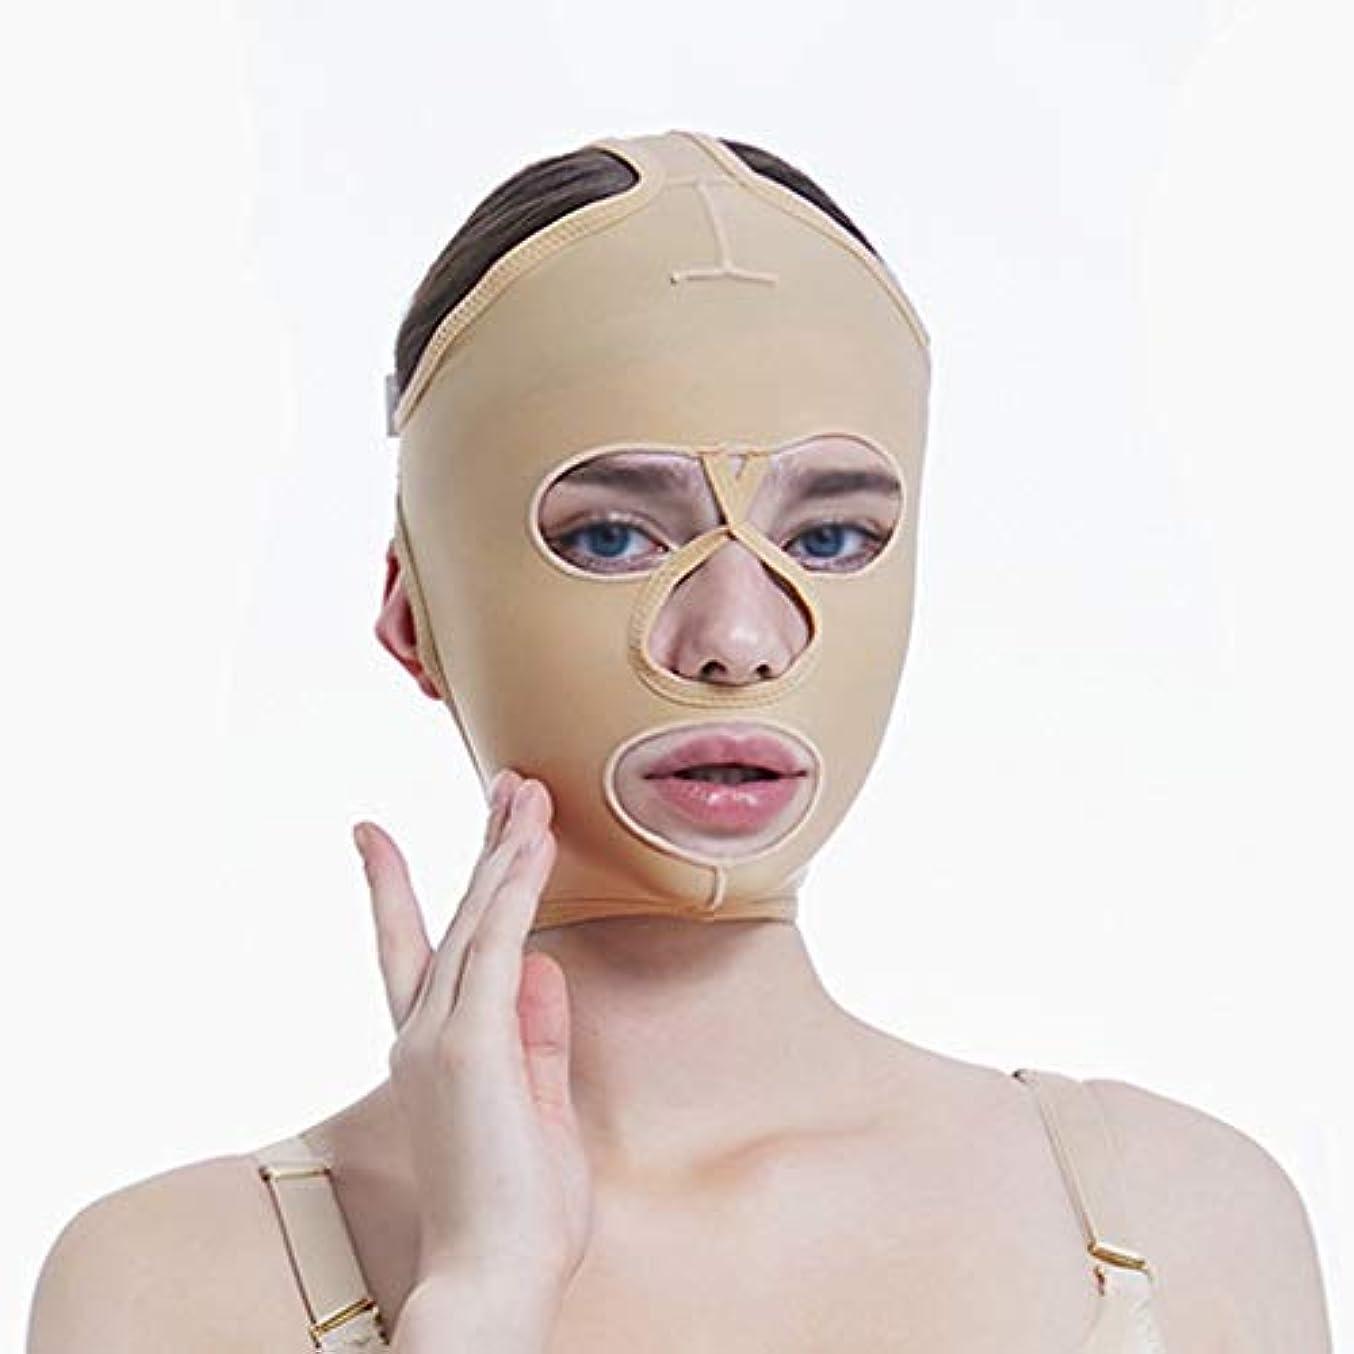 湿原ジーンズメナジェリーチンリフティングベルト、超薄型ベルト、ファーミングマスク、包帯吊り上げ、フェイスリフティングマスク、超薄型ベルト、通気性 (Size : S)